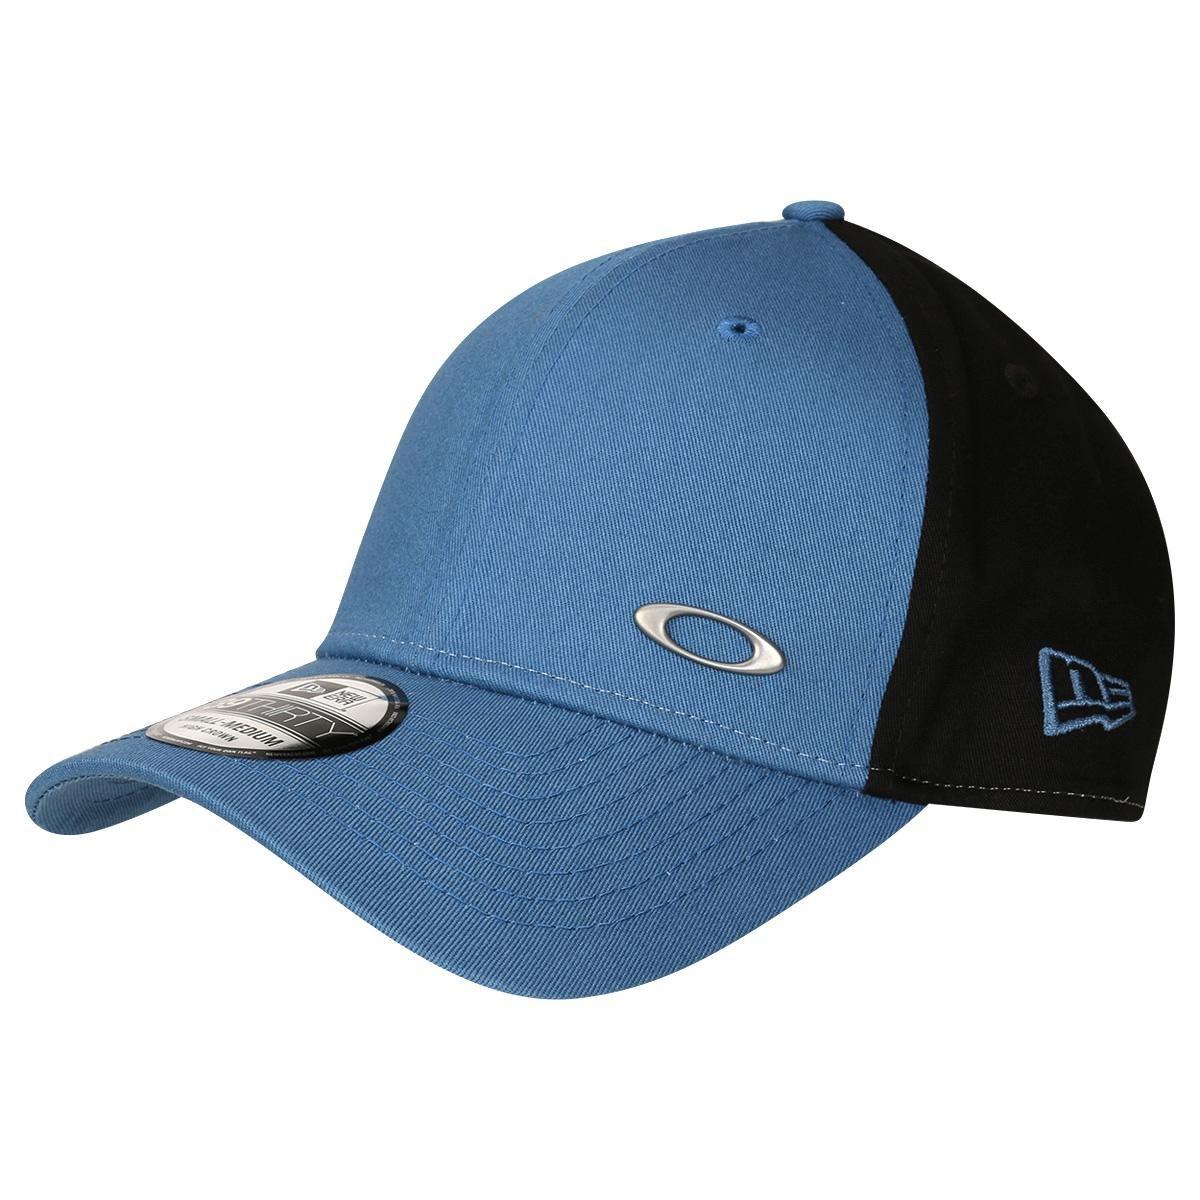 Boné Oakley Tinfoil - Azul Petróleo e Preto - Compre Agora  36bde4f2bee